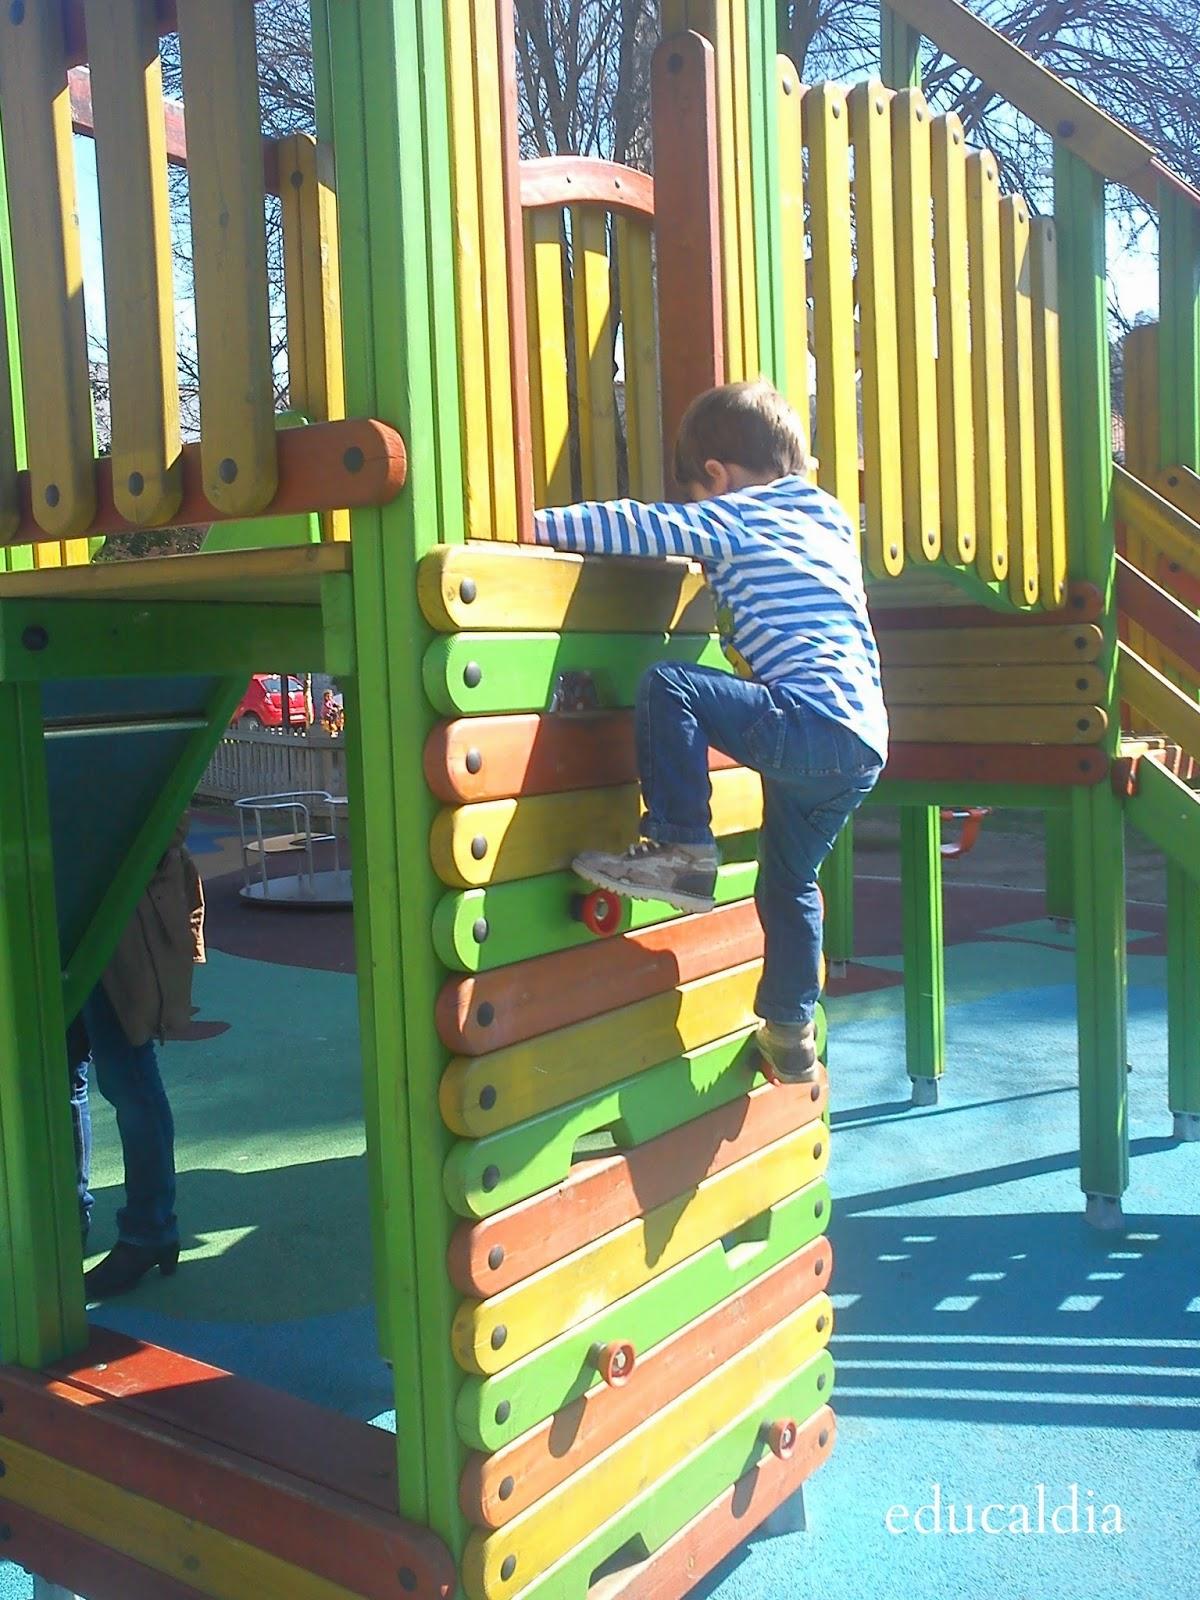 socialización educación en familia homeschoolling